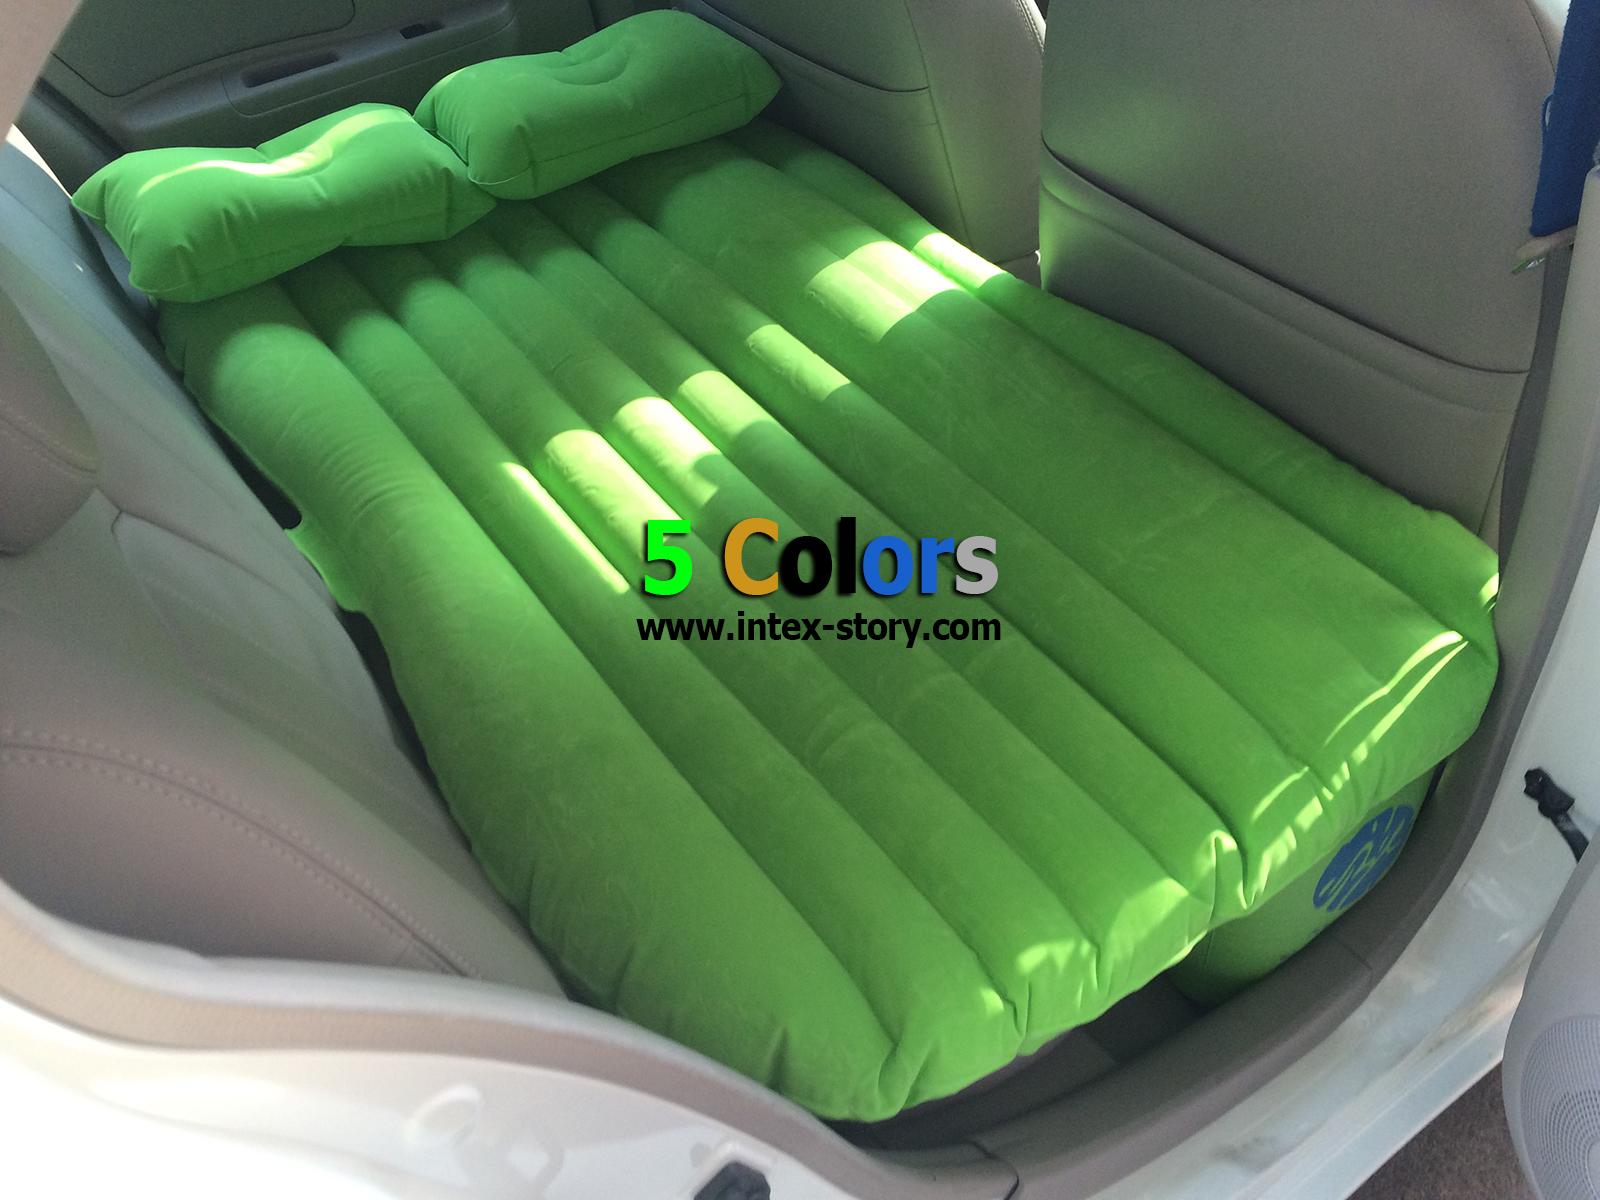 ที่นอนในรถ เบาะนอนในรถ (สีเขียว)